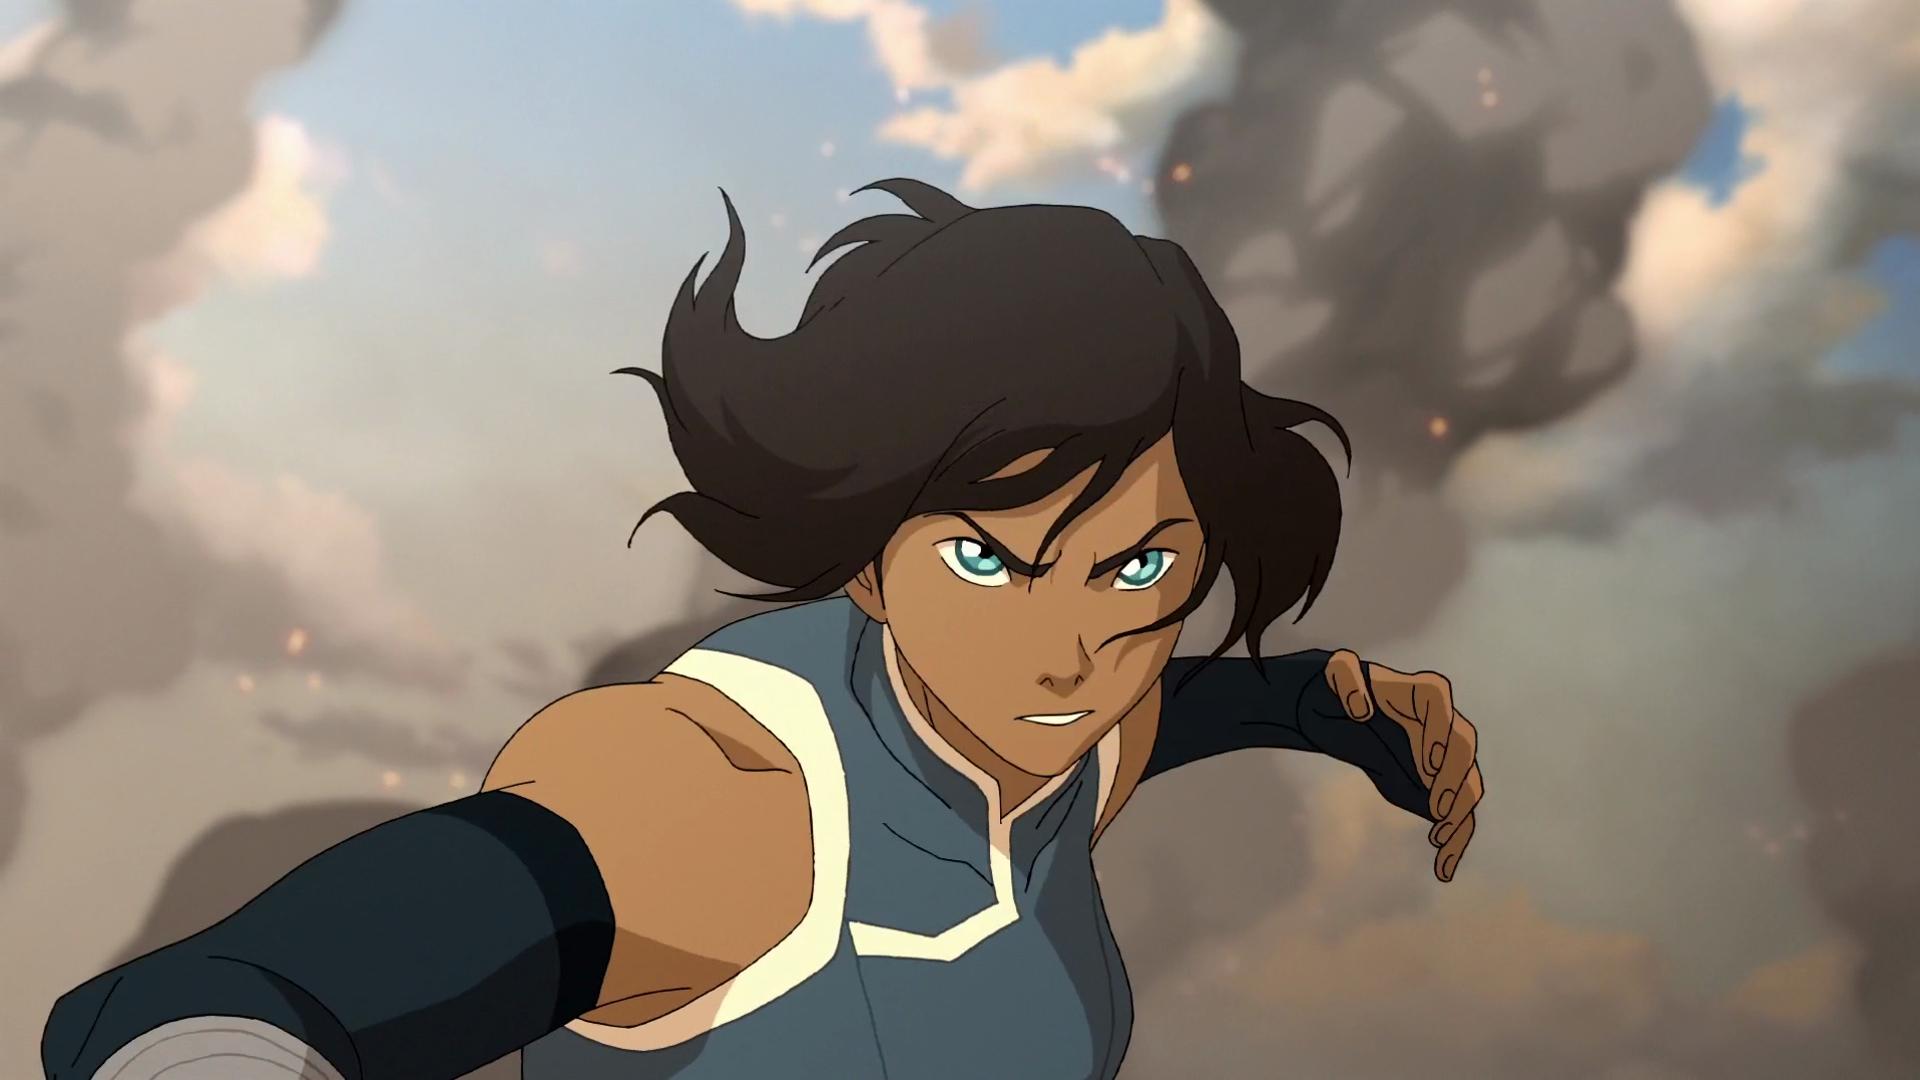 Korra stands in battle stance for Legend of Korra